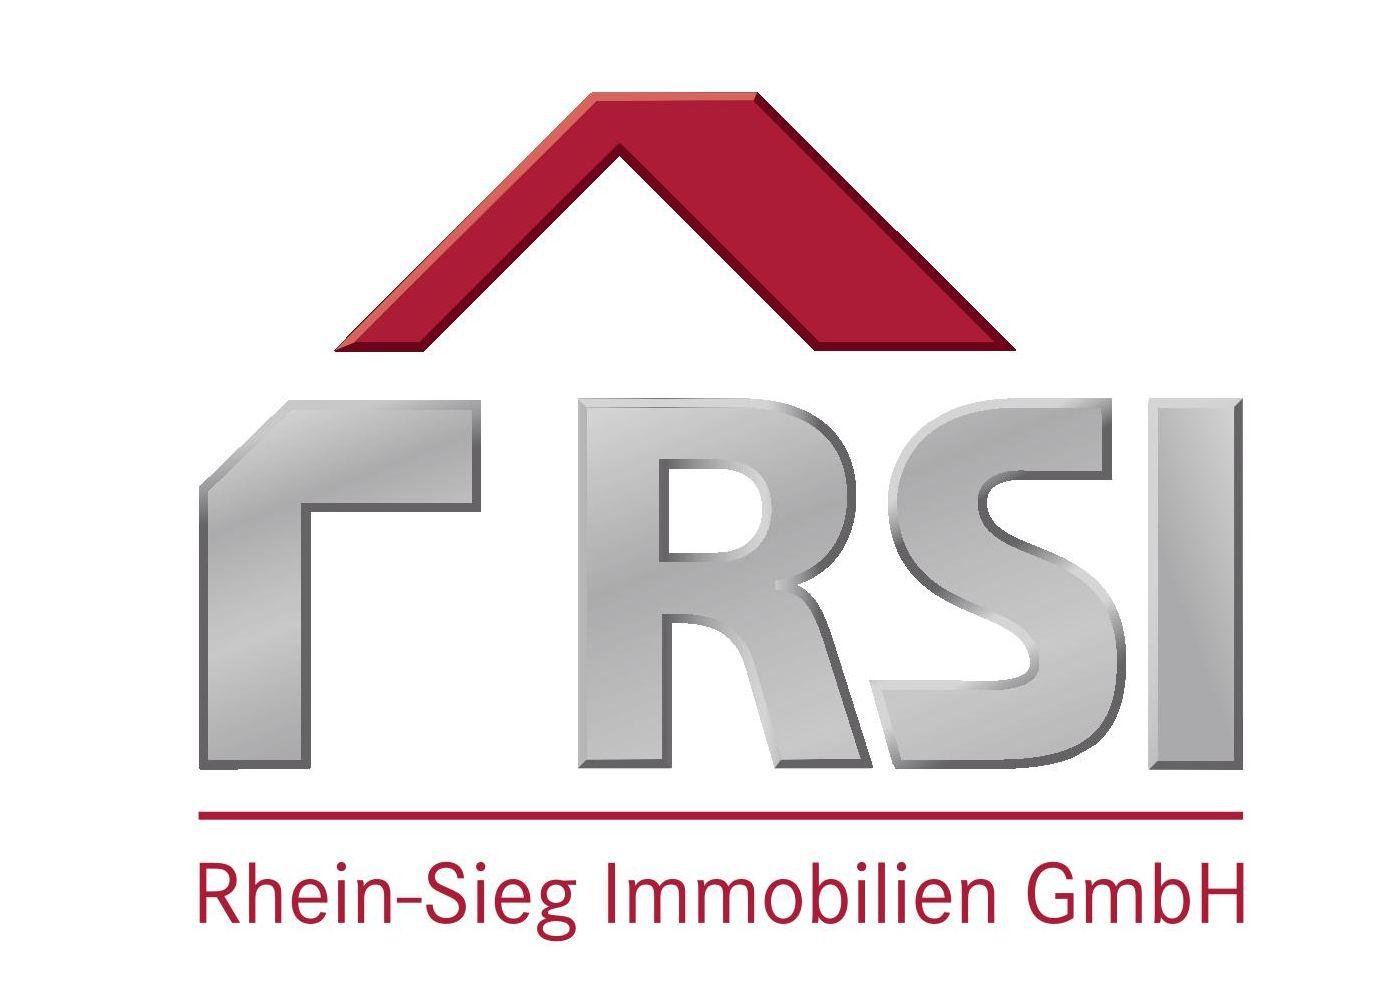 Rhein-Sieg Immobilien GmbH